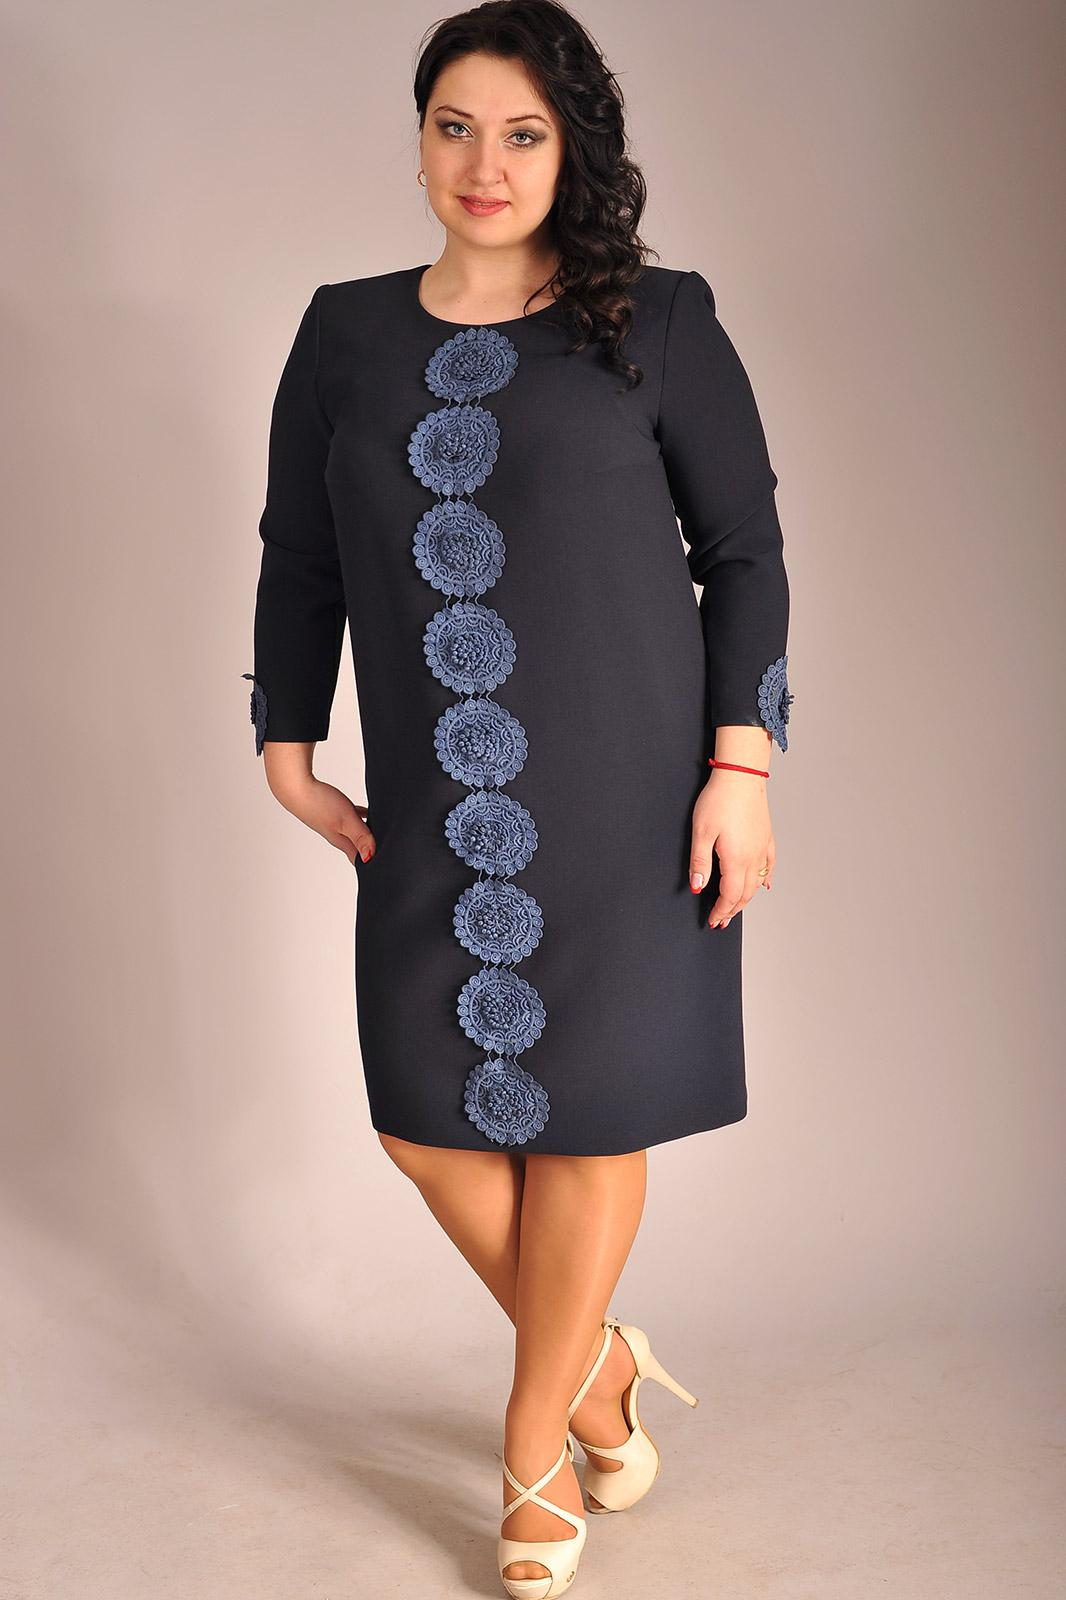 Купить Платье Edibor, 1045 синий, Беларусь